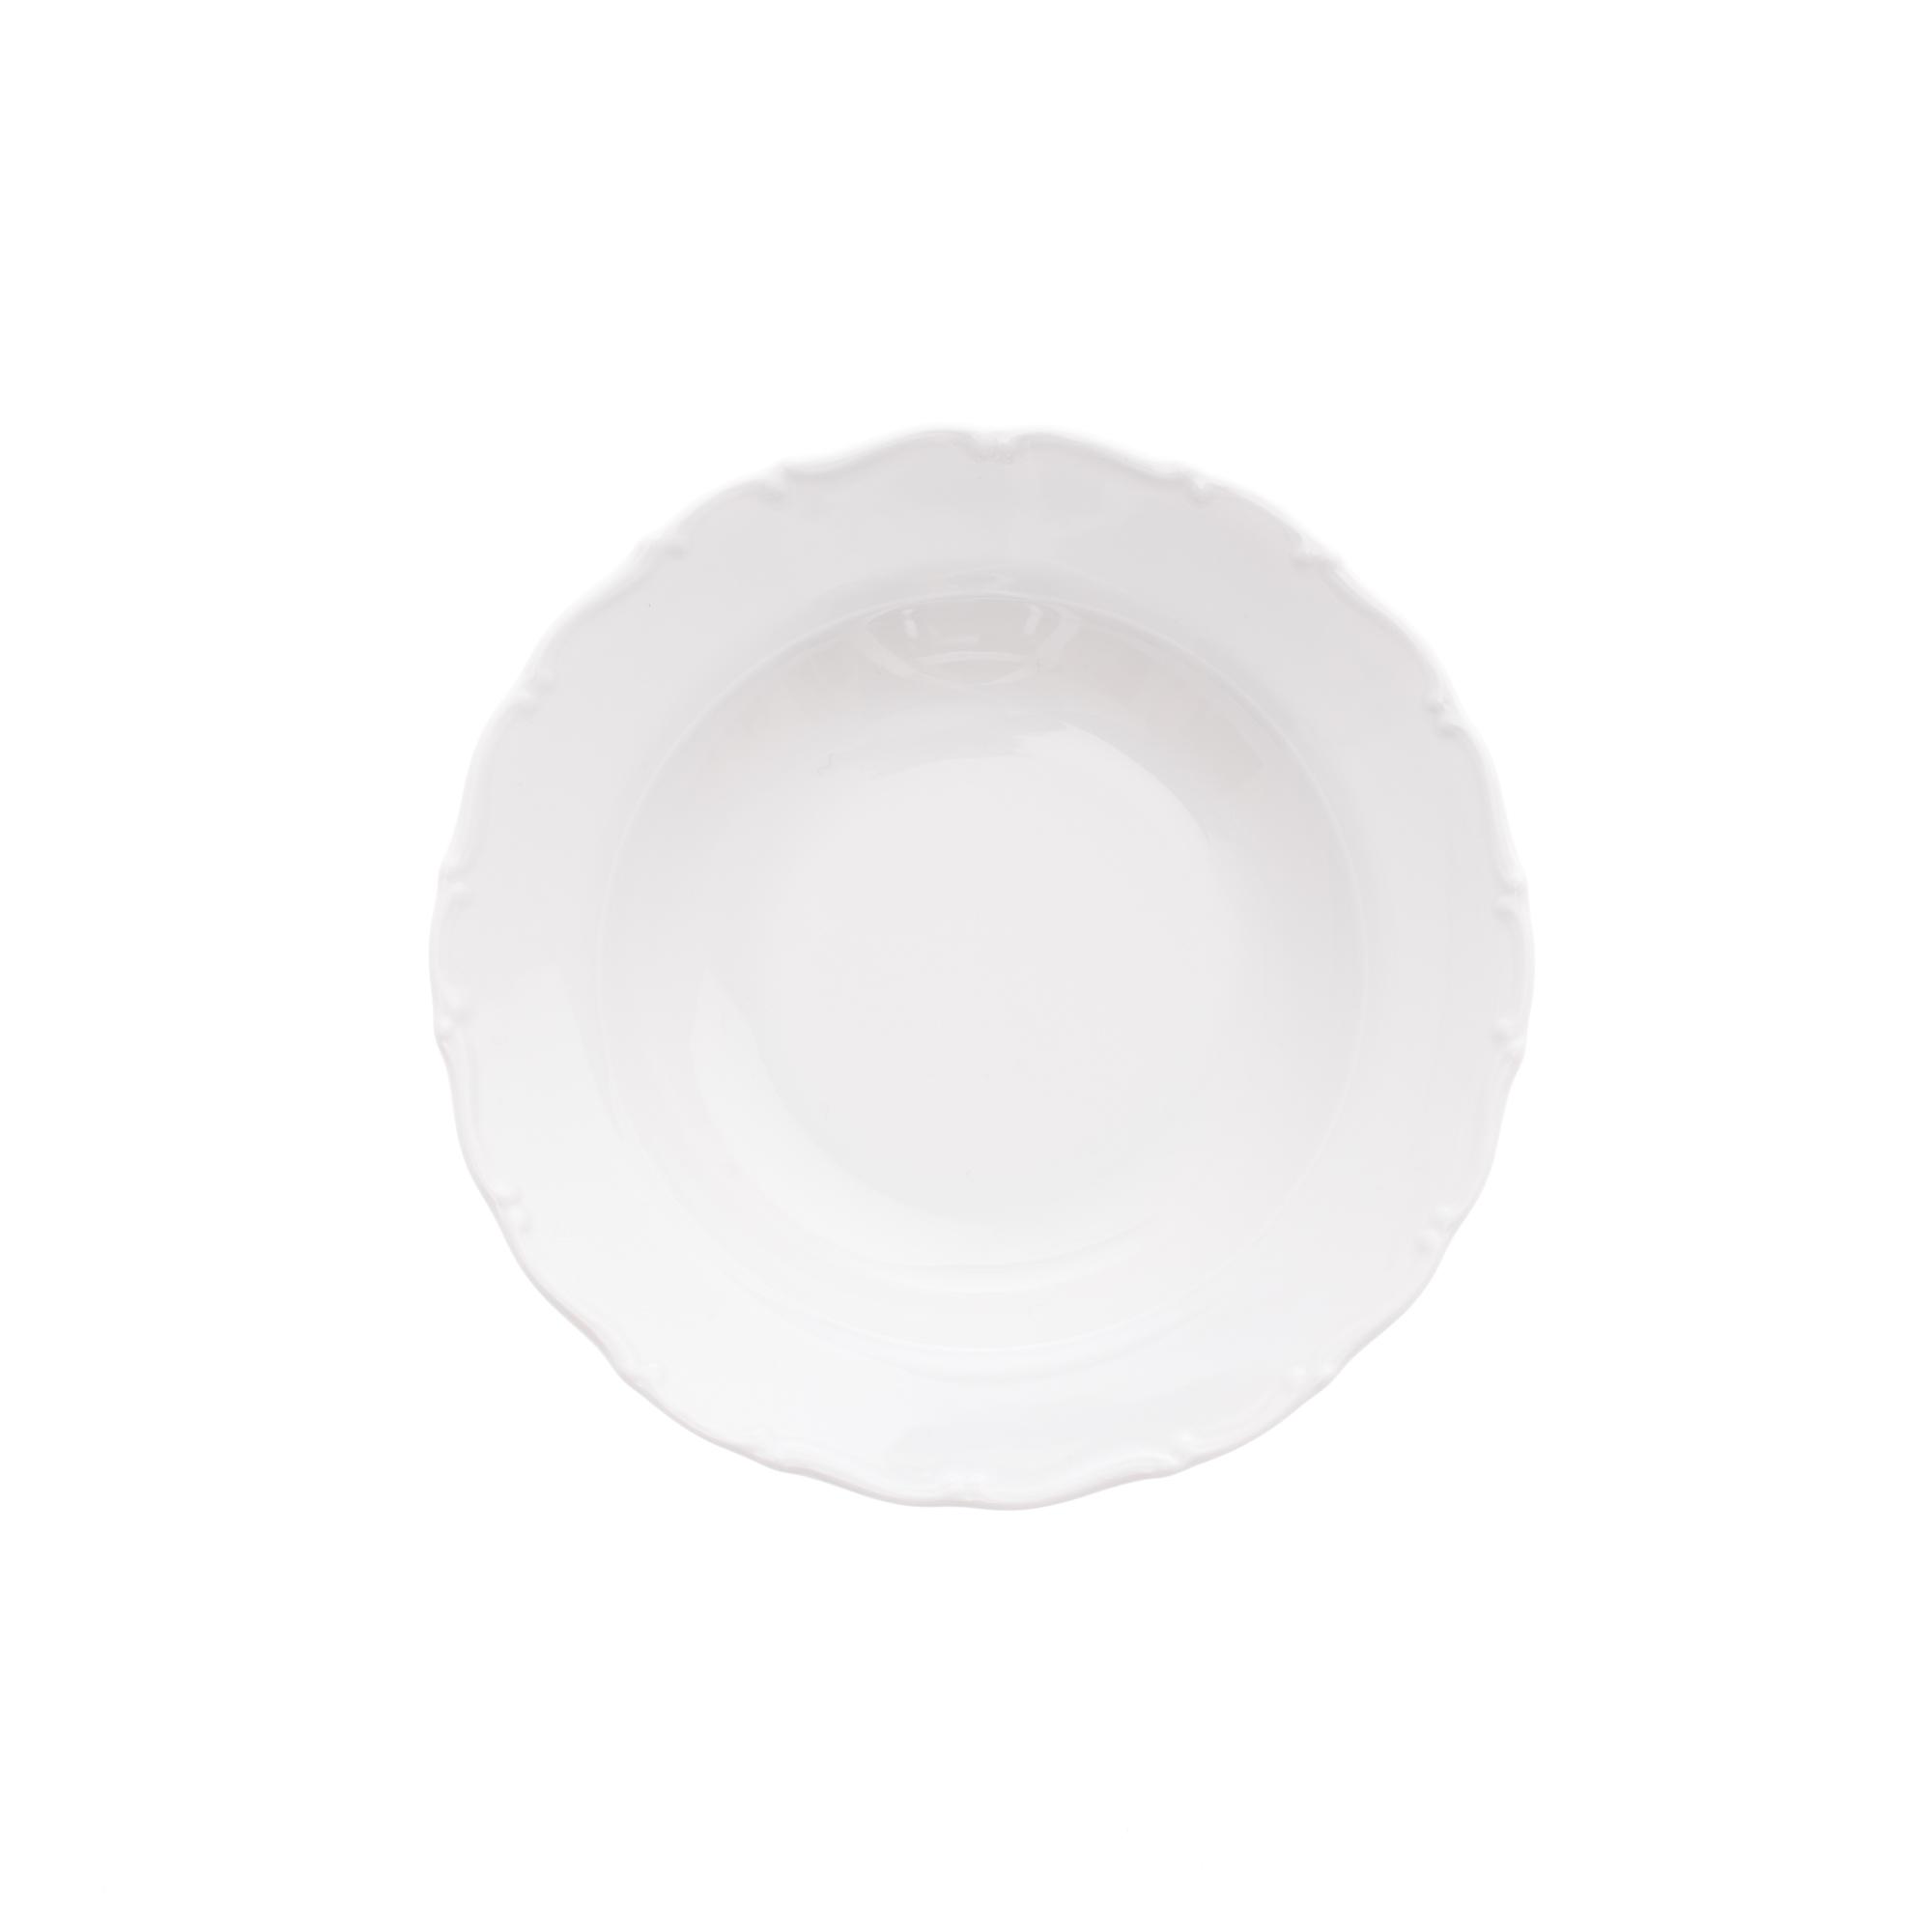 Talíř hluboký 23 cm, bílý porcelán, Ofélie, Stará Role